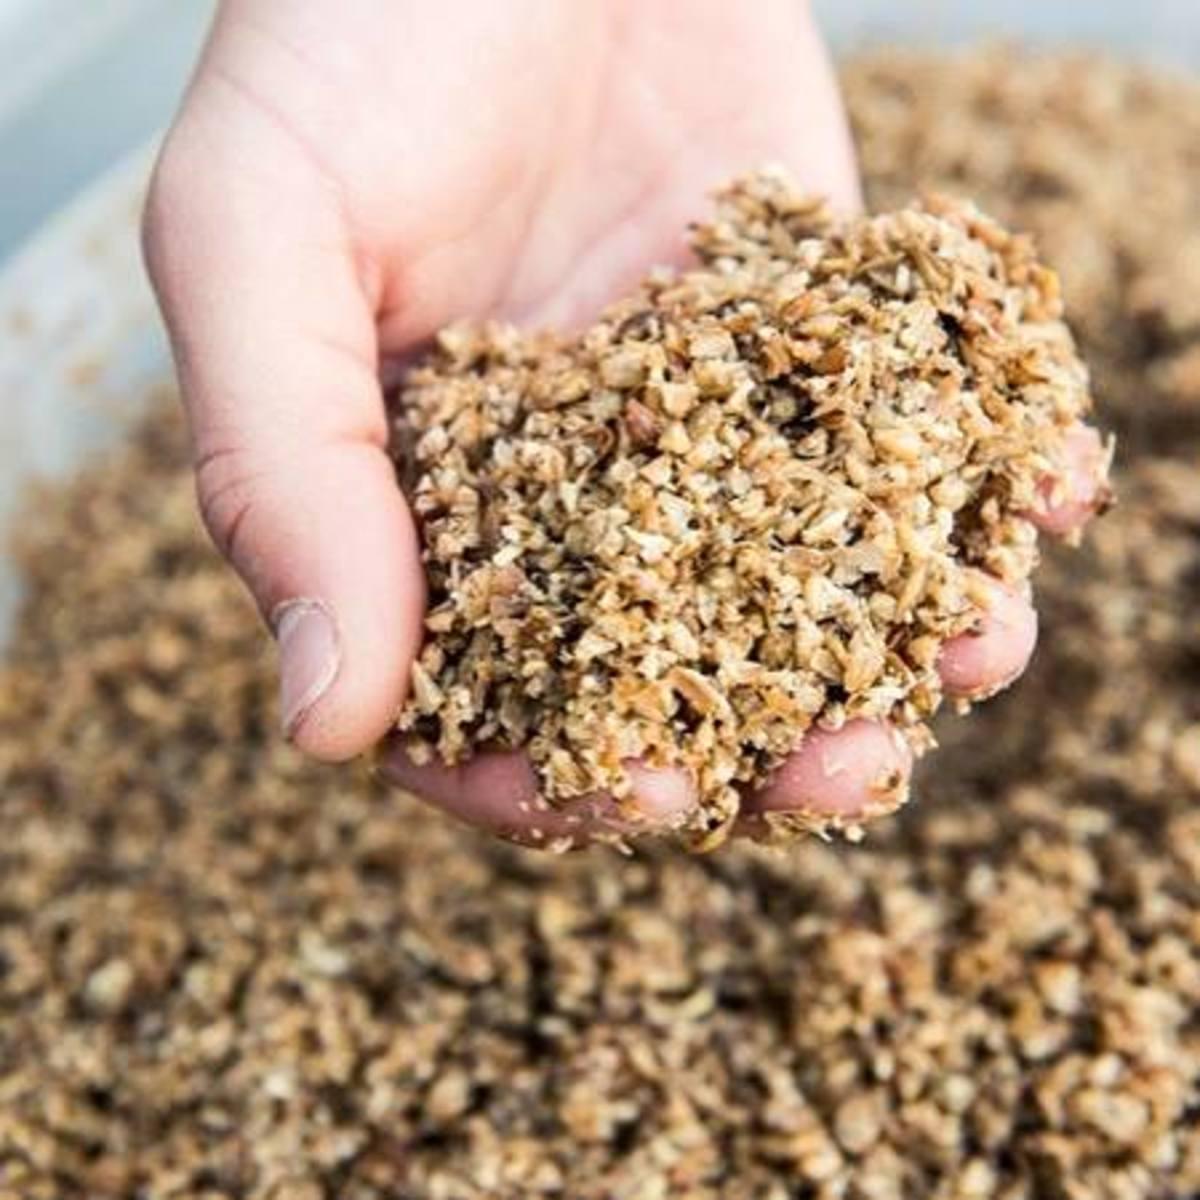 Edible food waste comes in grain form.